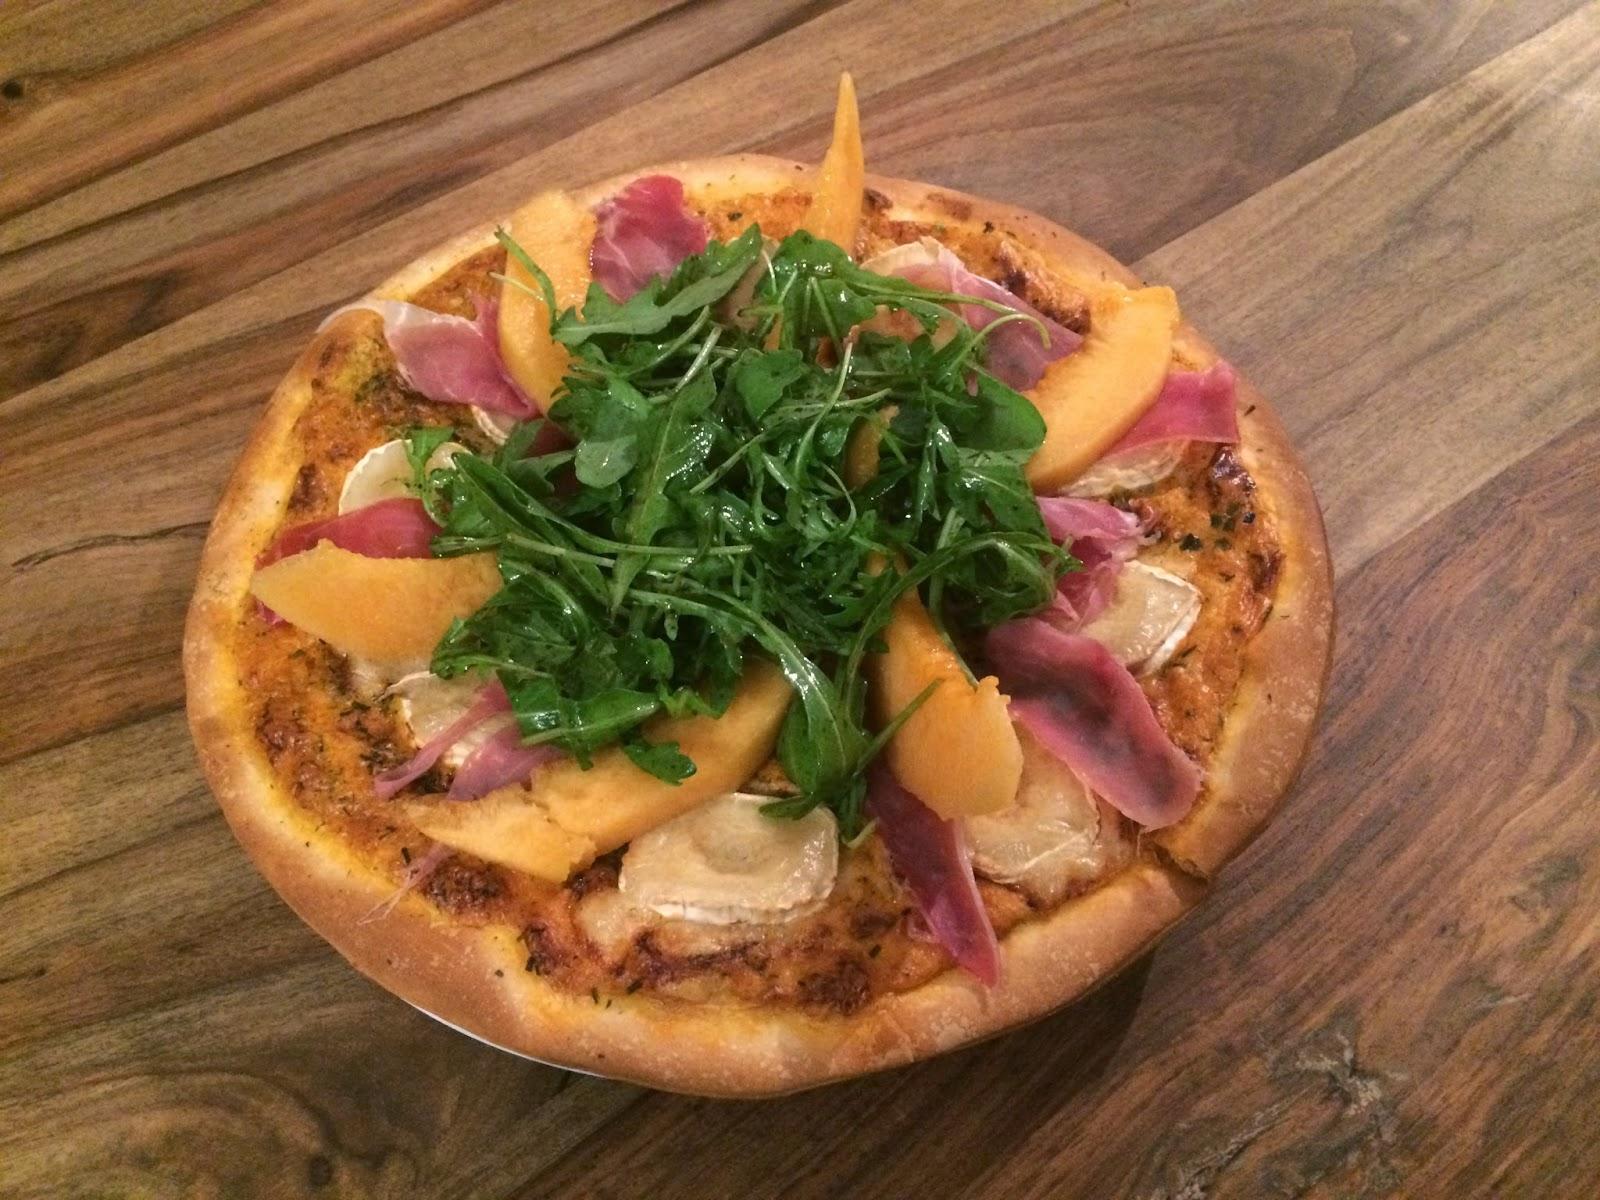 Pizza blanche au jambon cru, fromage de chèvre, roquette et melon